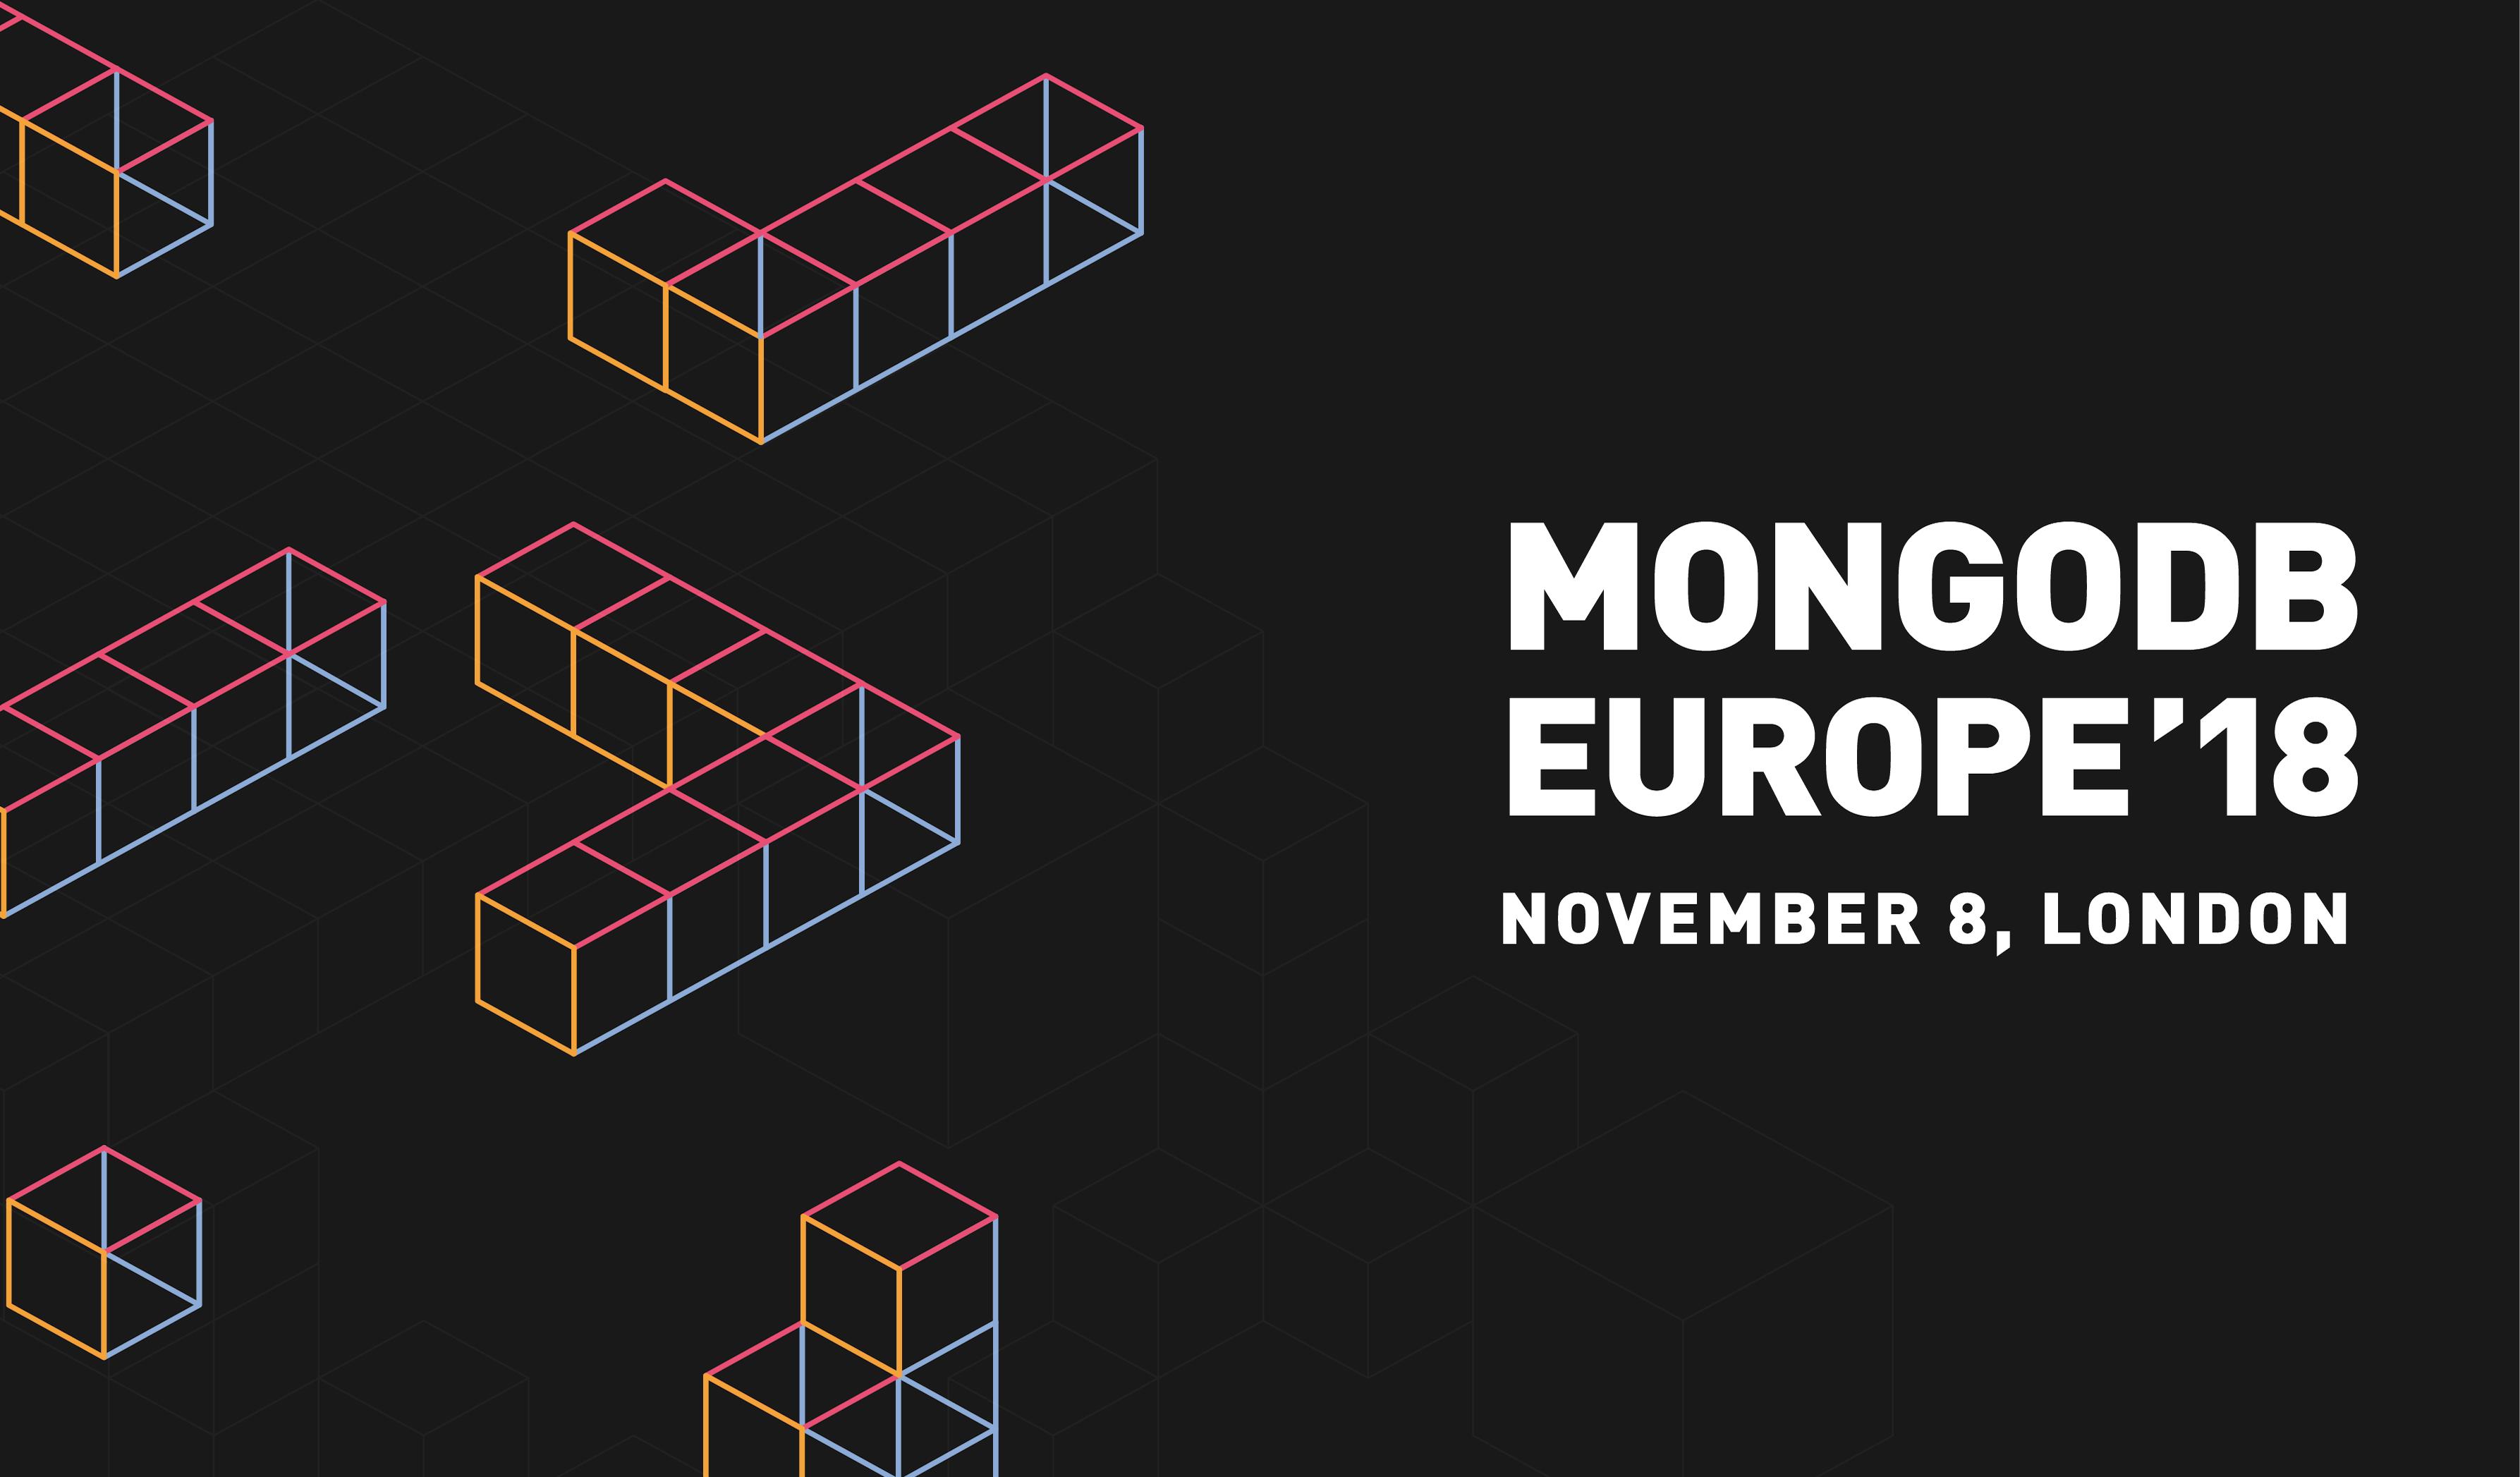 MongoDB Europe 2018 - Chris De Bruyne, Nick Van Hoof and Jan Van der